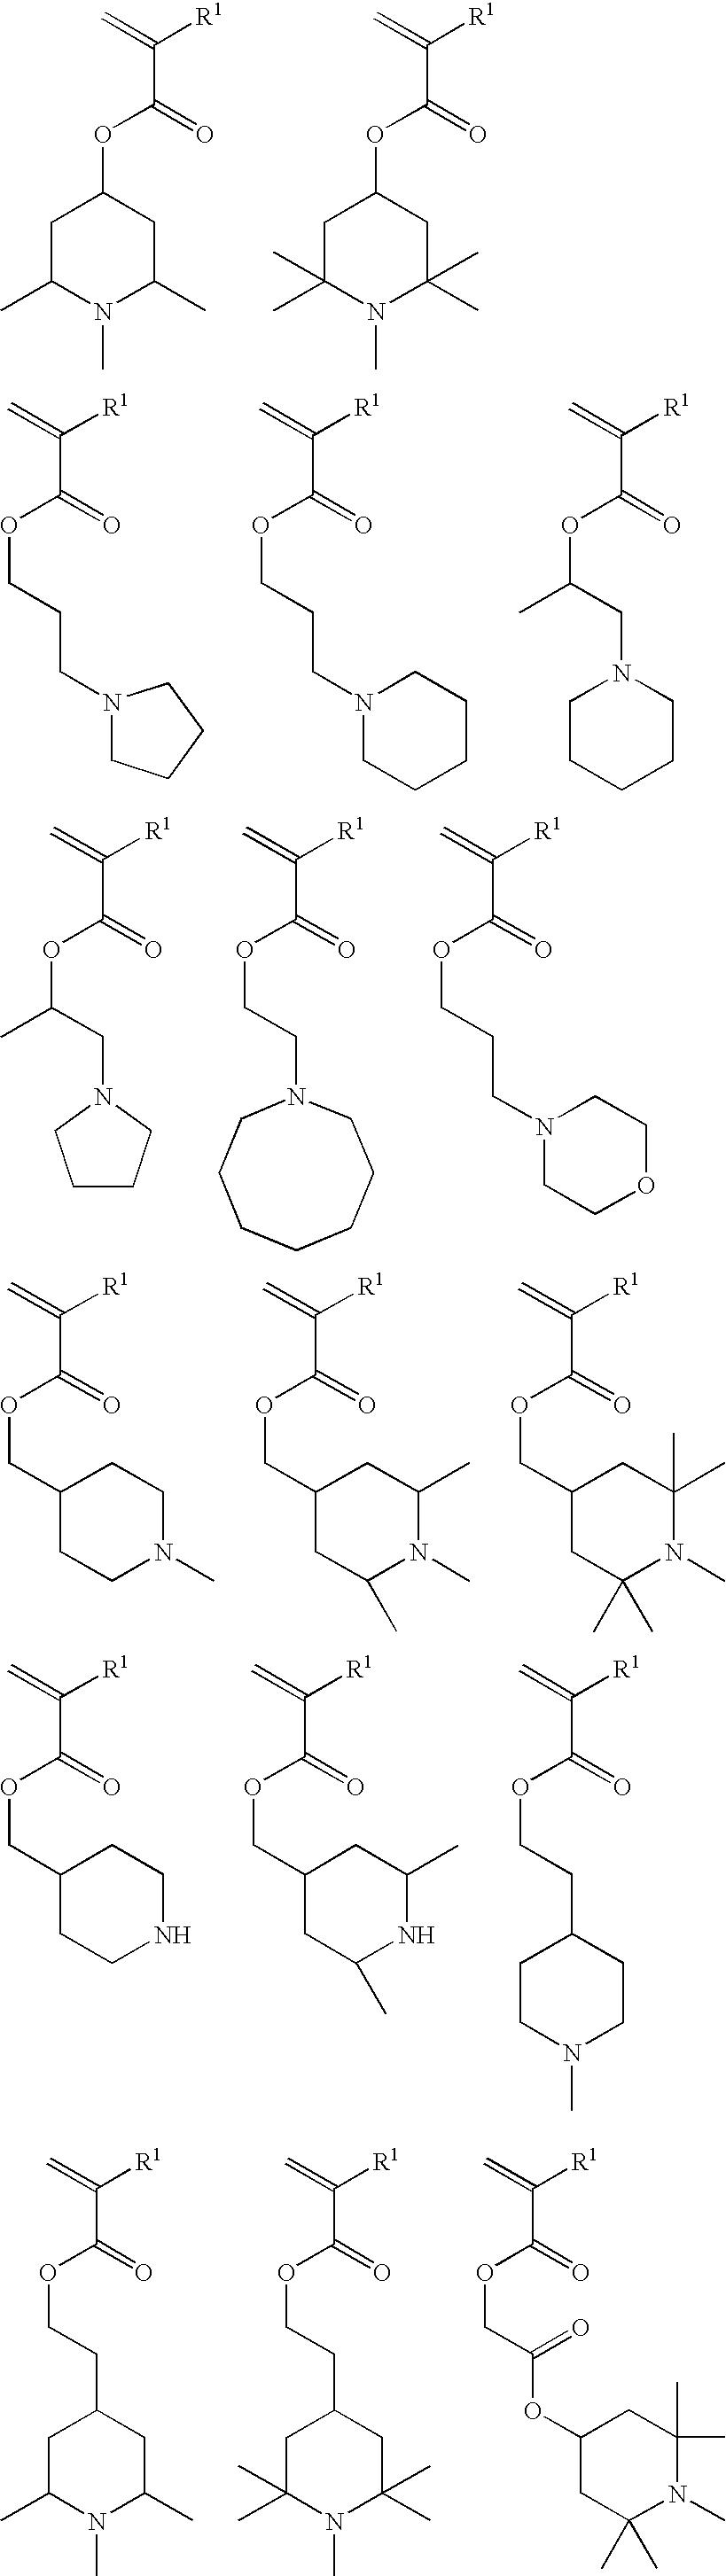 Figure US20090011365A1-20090108-C00006